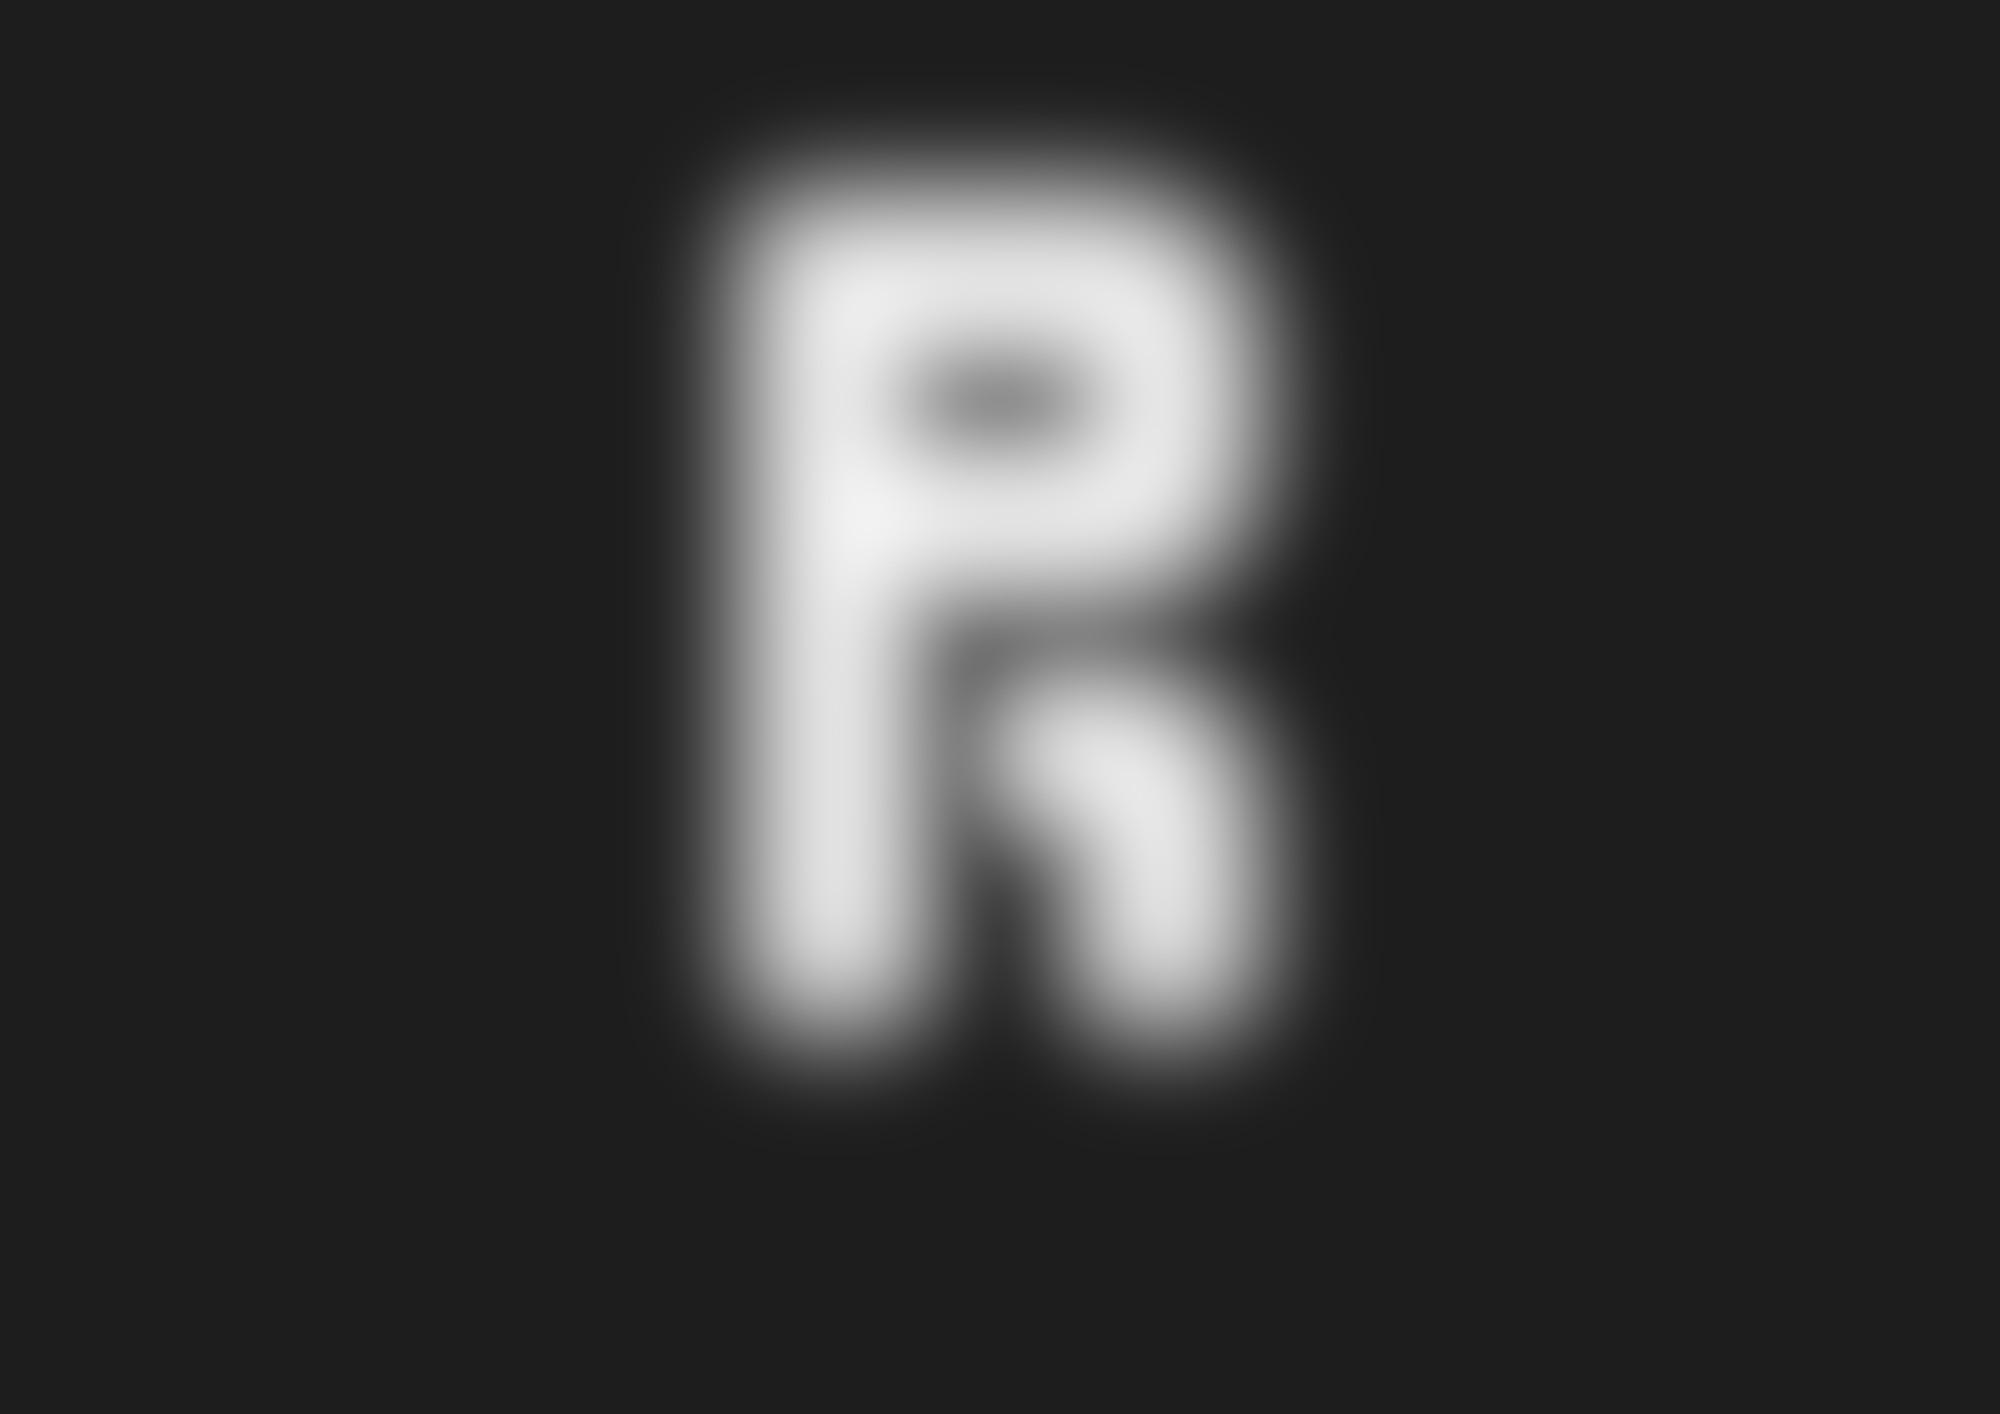 BLD PUBLIC REC DESIGN R1 1 25 autocompressfitresizeixlibphp 1 1 0max h2000max w3 D2000q80s7f32273008def5de7c73abb959cd9577